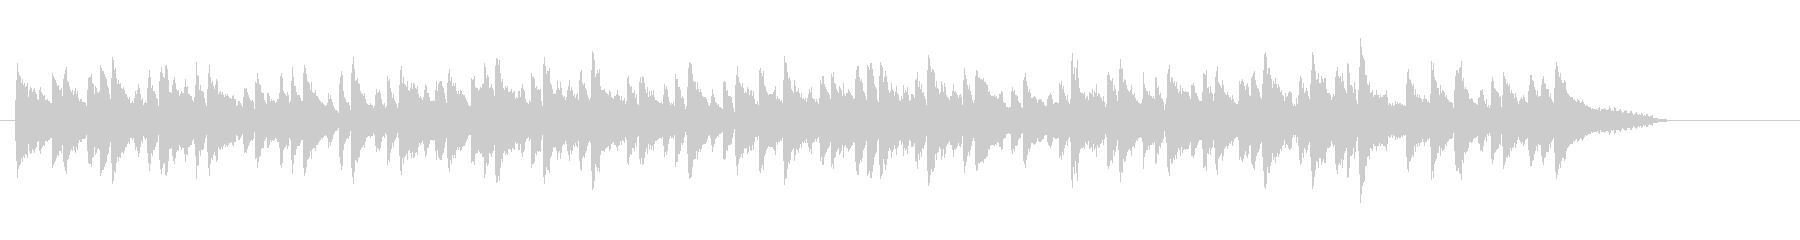 トランペットによるコンパクトなバラードの未再生の波形